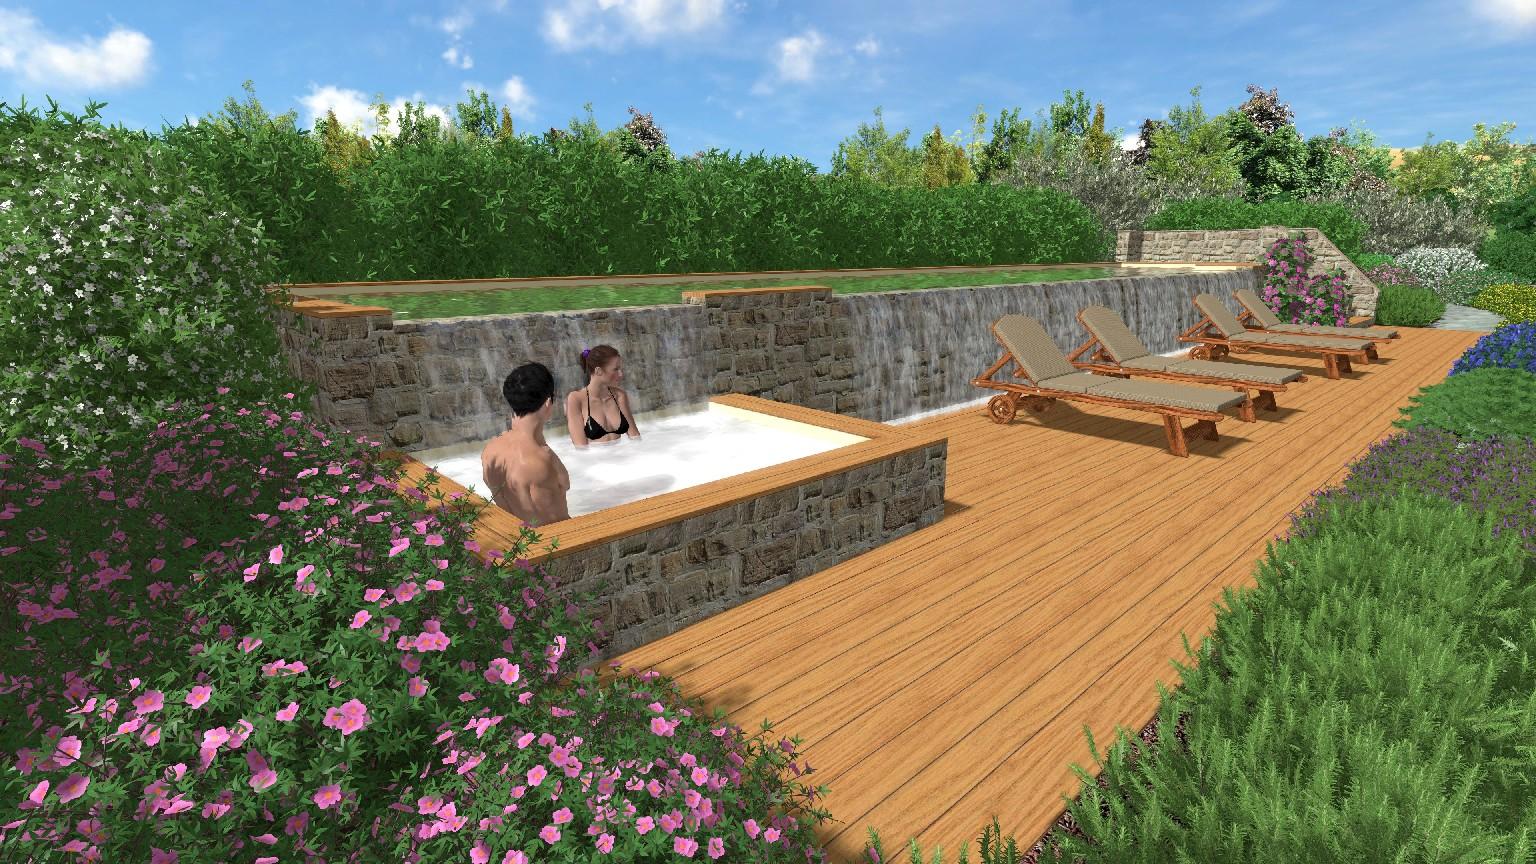 Progettazione di giardino con piscina in maremma davide giorgi paesaggista - Giardino con piscina ...